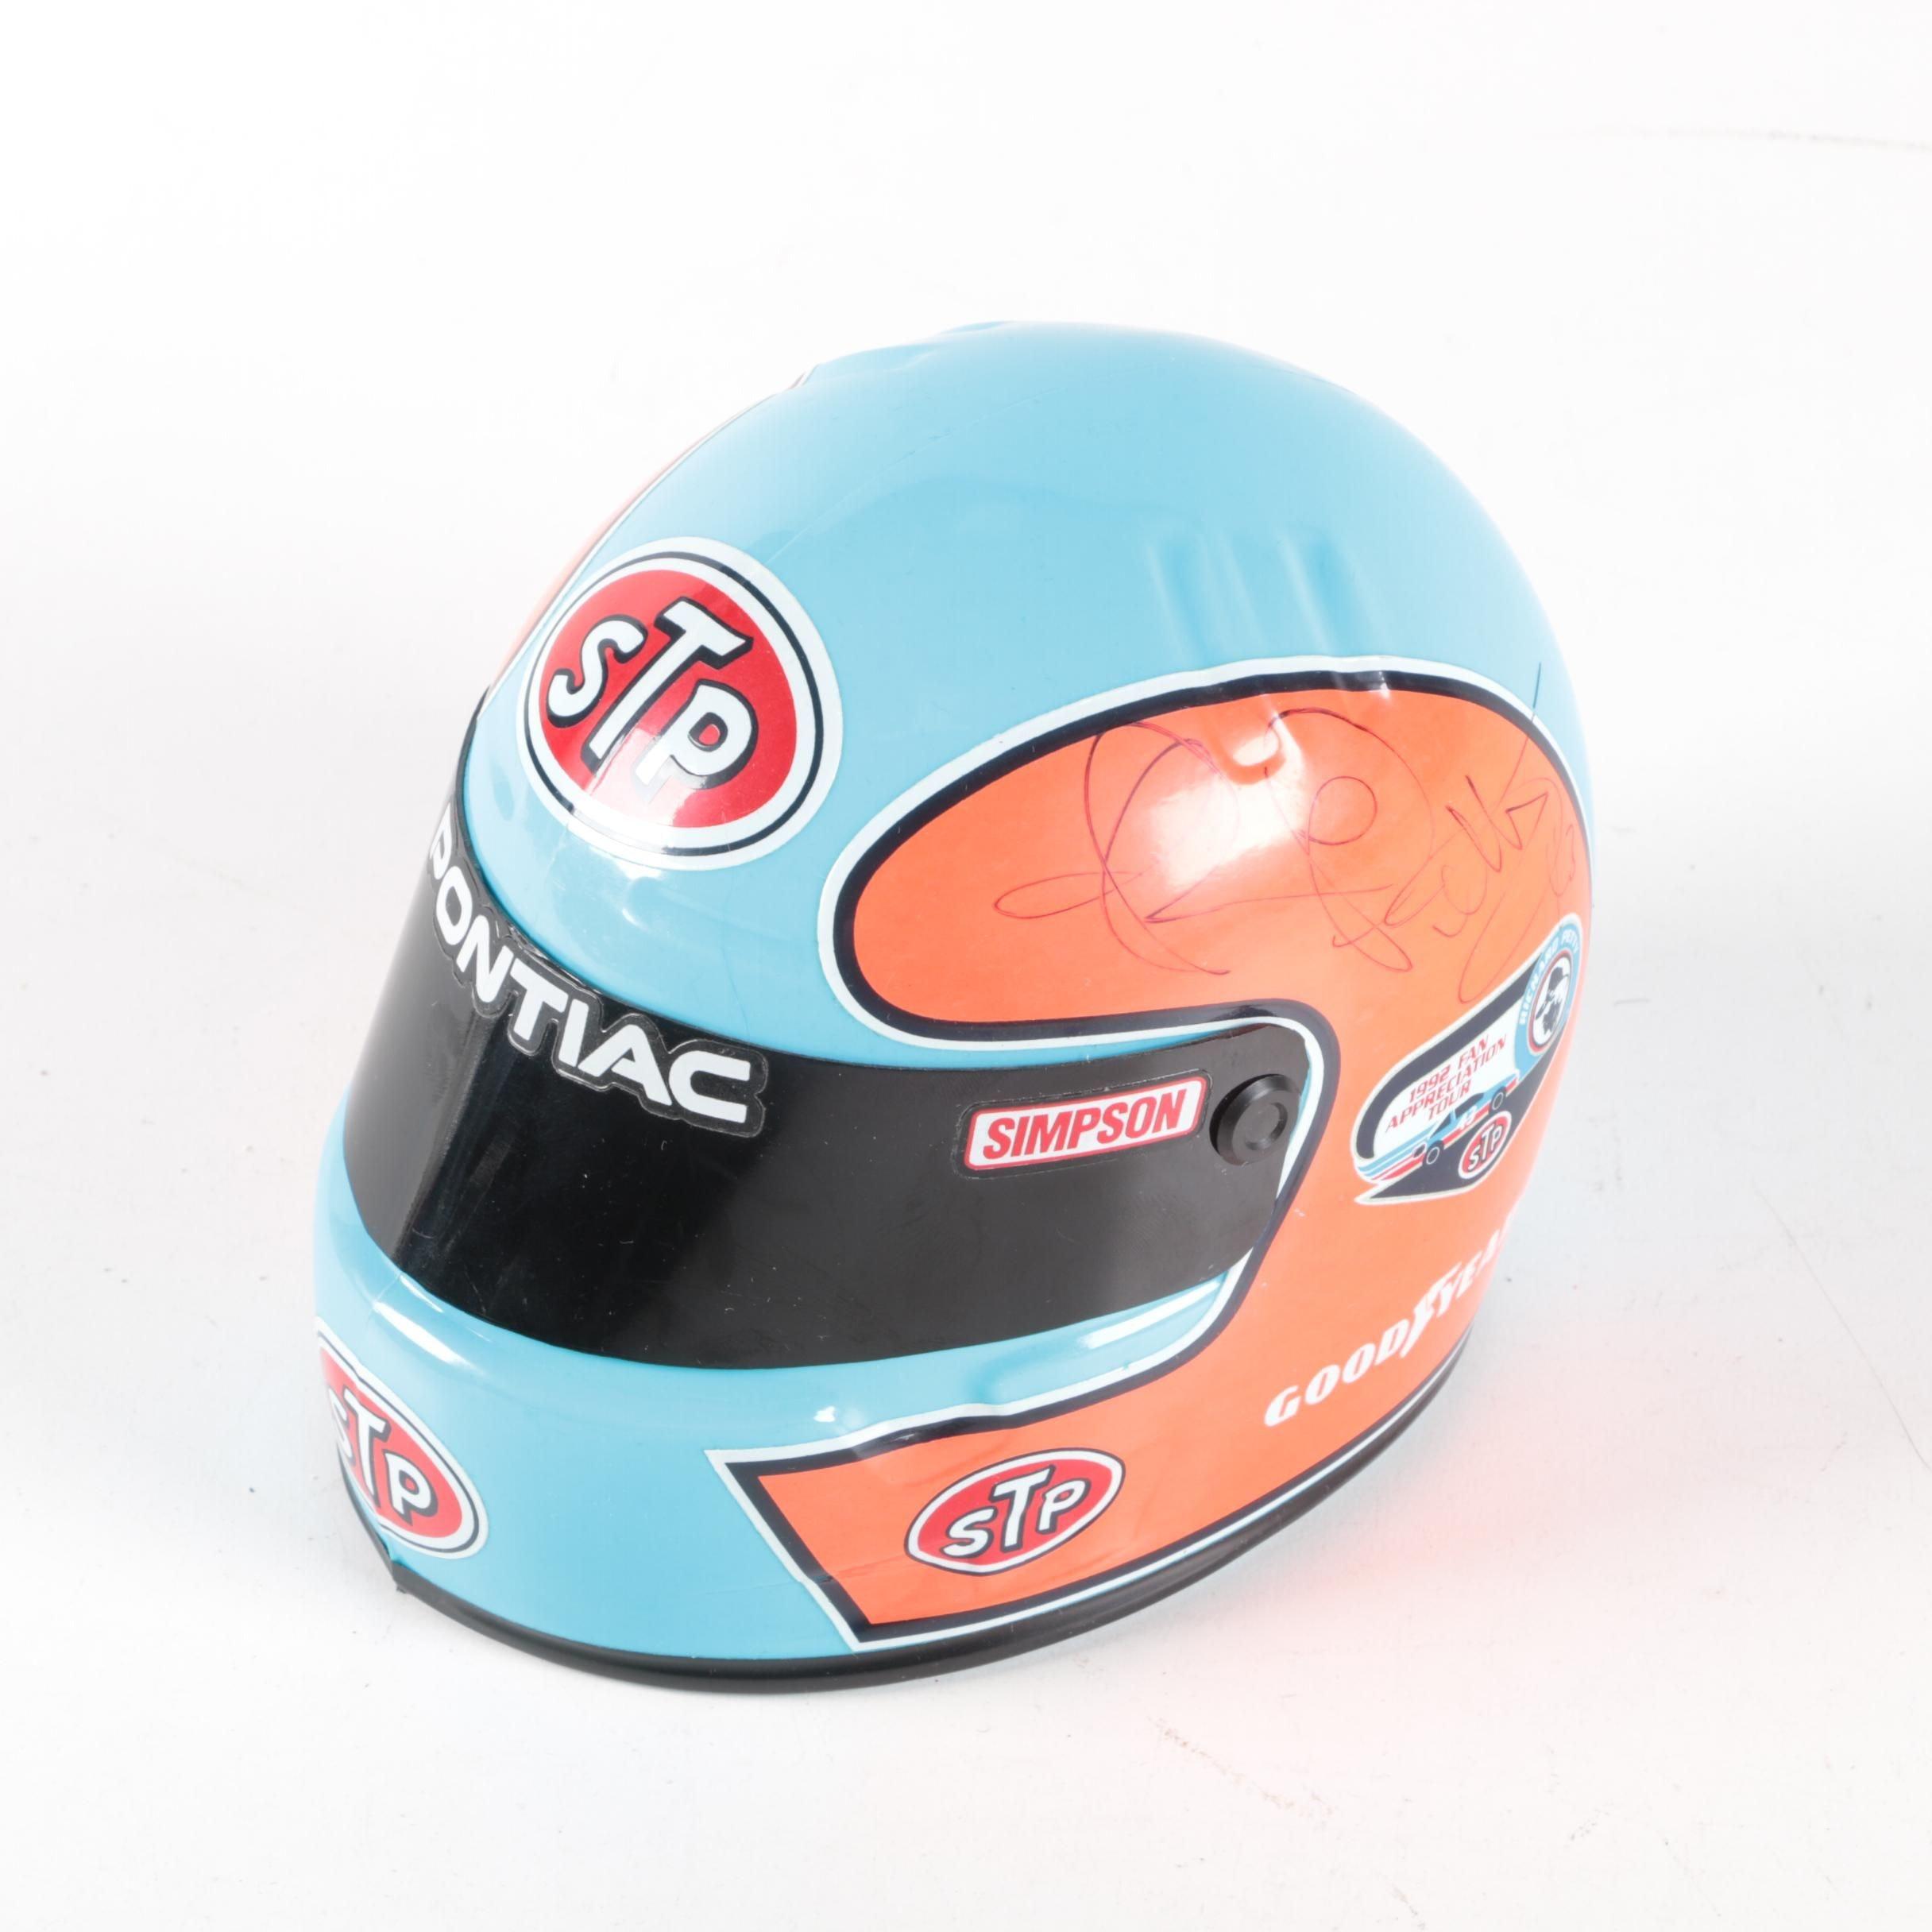 Richard Petty Autographed Mini-Helmet